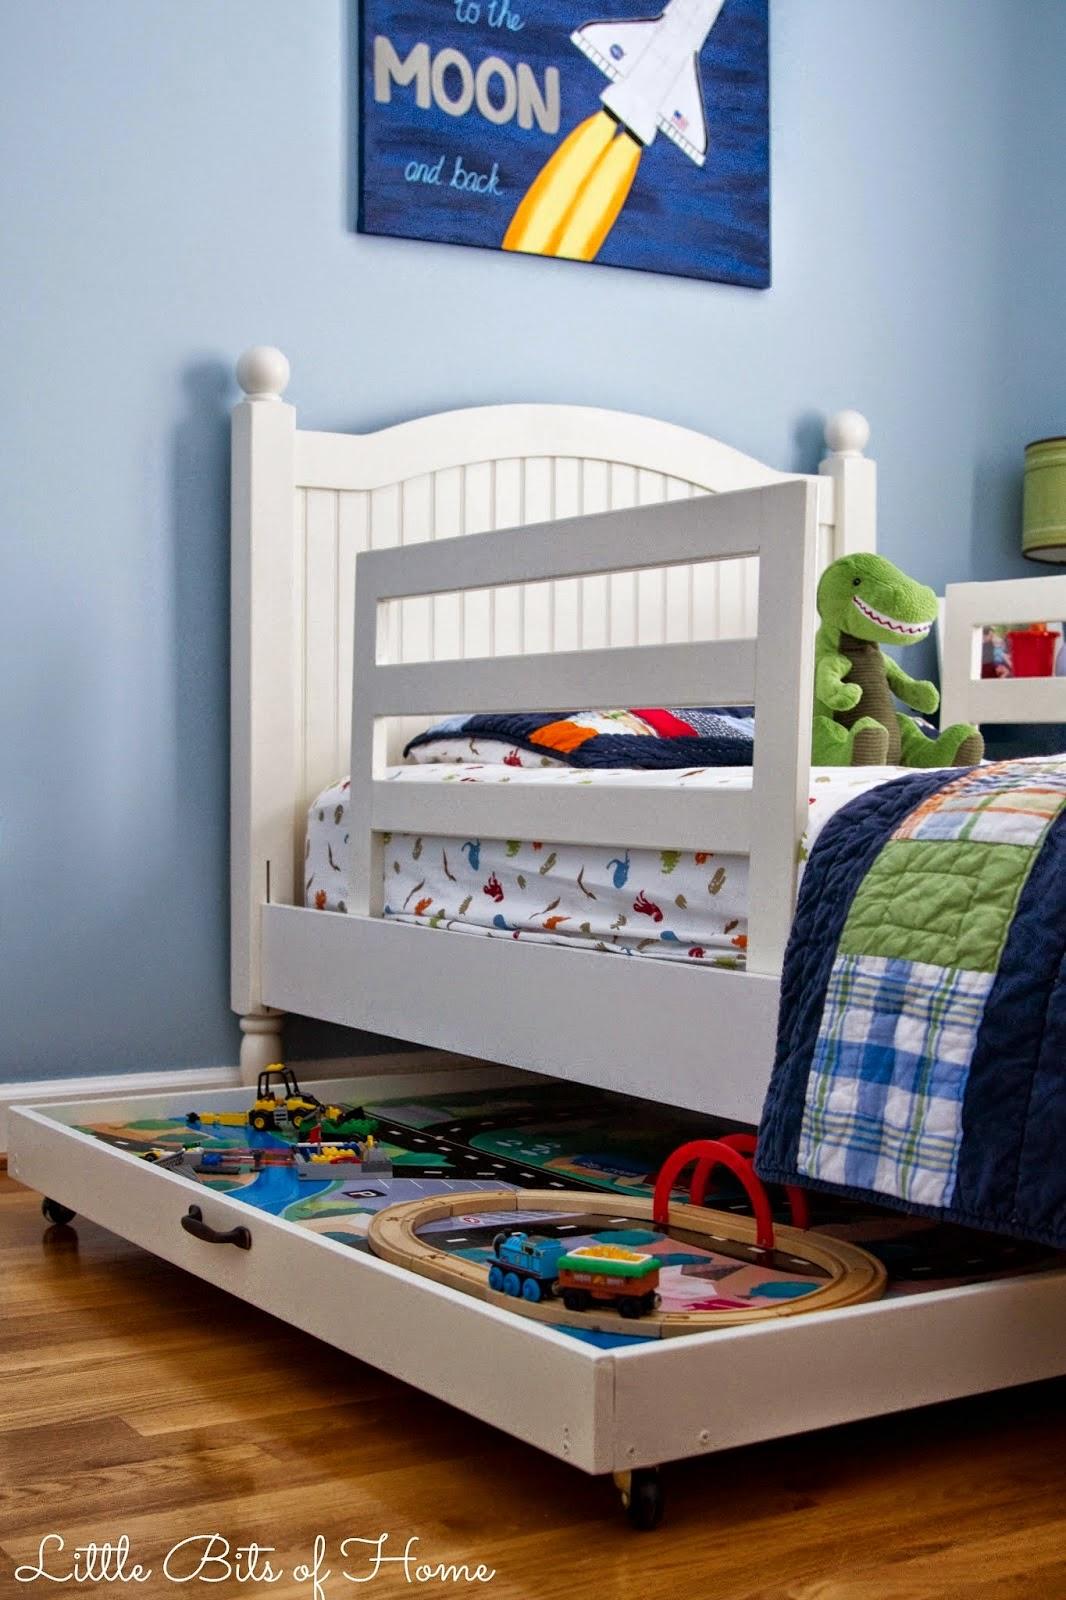 Rollbares Spielbrett für das Kinderzimmer - ein leichter Selbermachen-Tipp